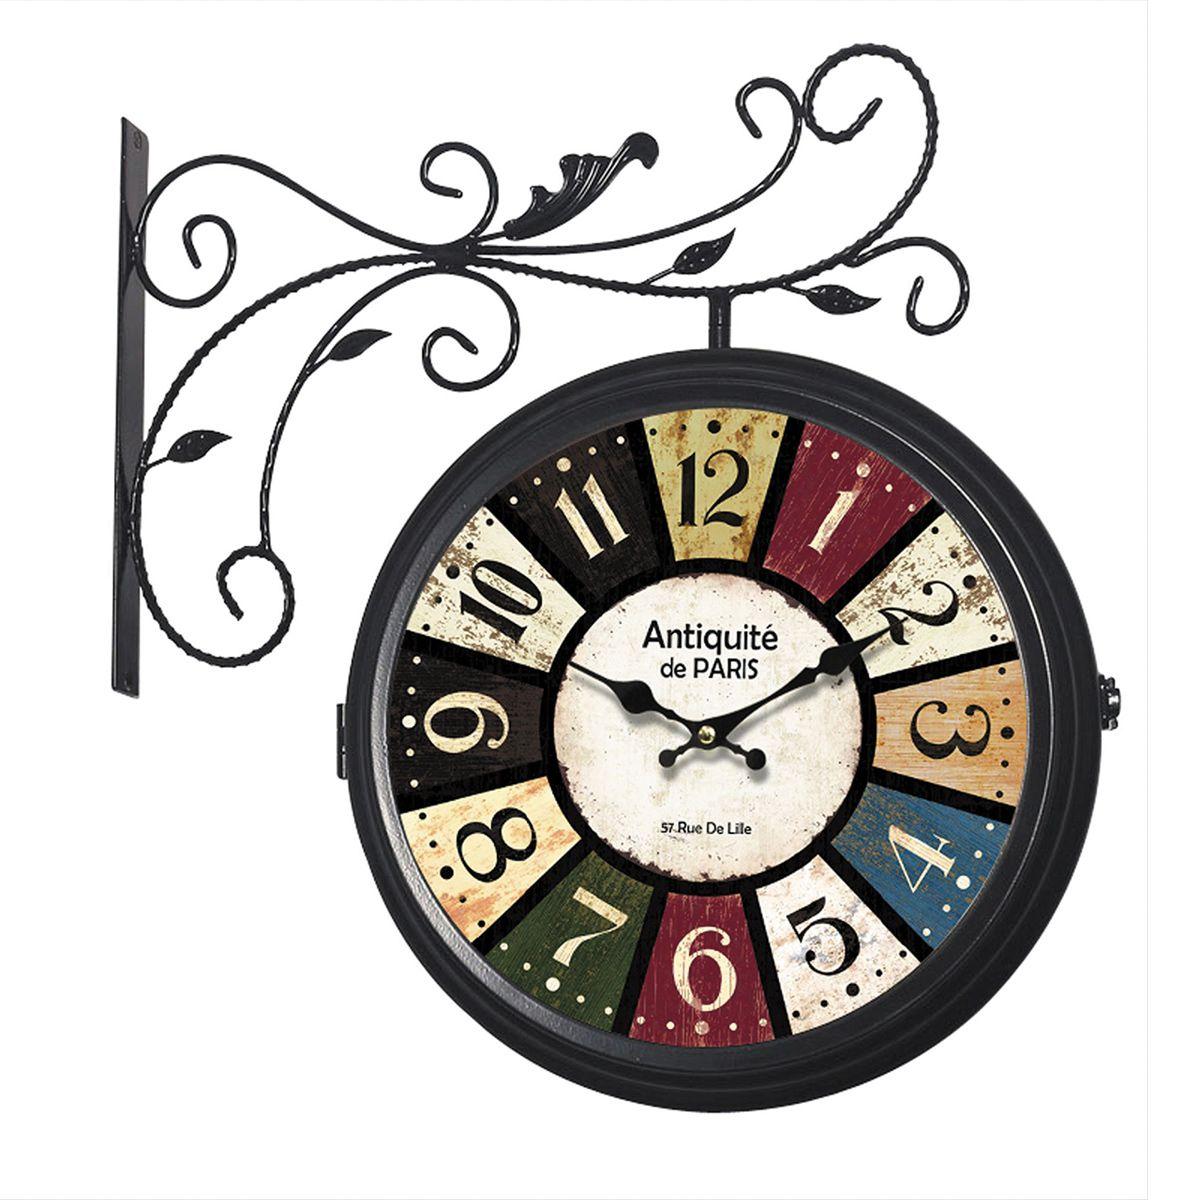 Relógio de parede dupla face Antiqueté de Paris